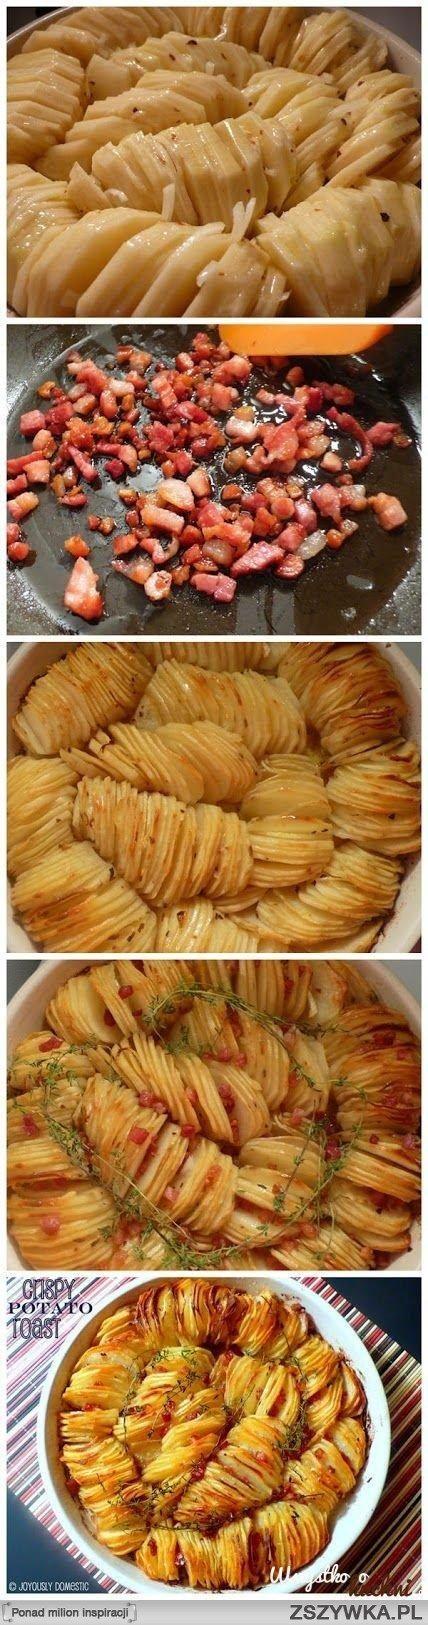 http://img.zszywka.pl/0/0166/w_8472/kuchnia/ziemniaki-zapiekane.jpg